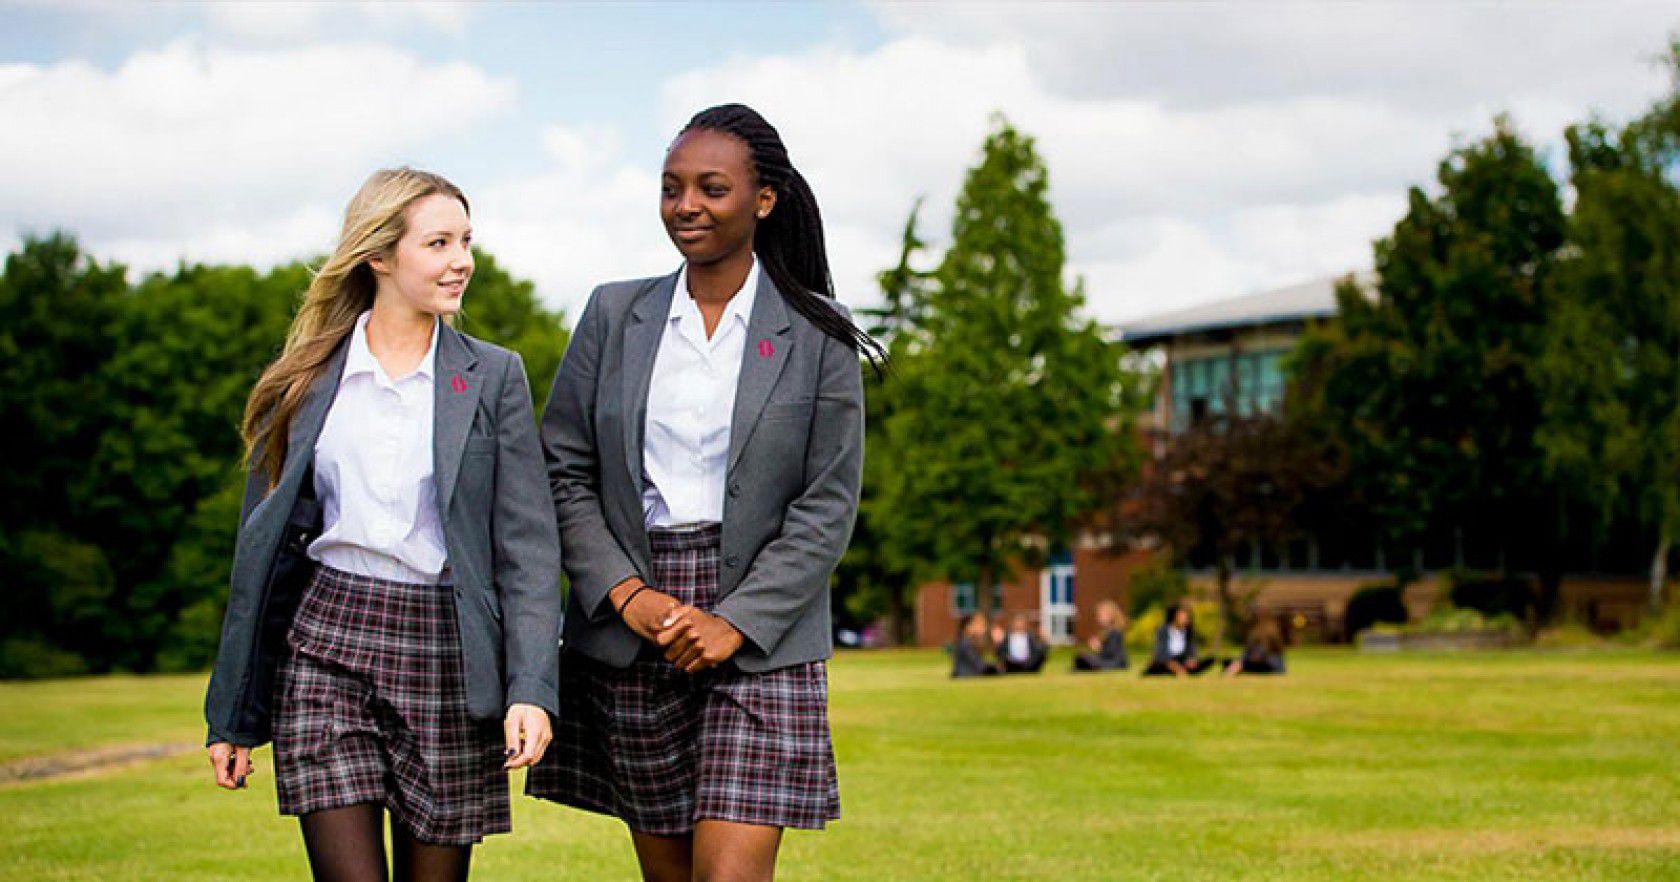 İngiltere'de özel okul veli görüşleri